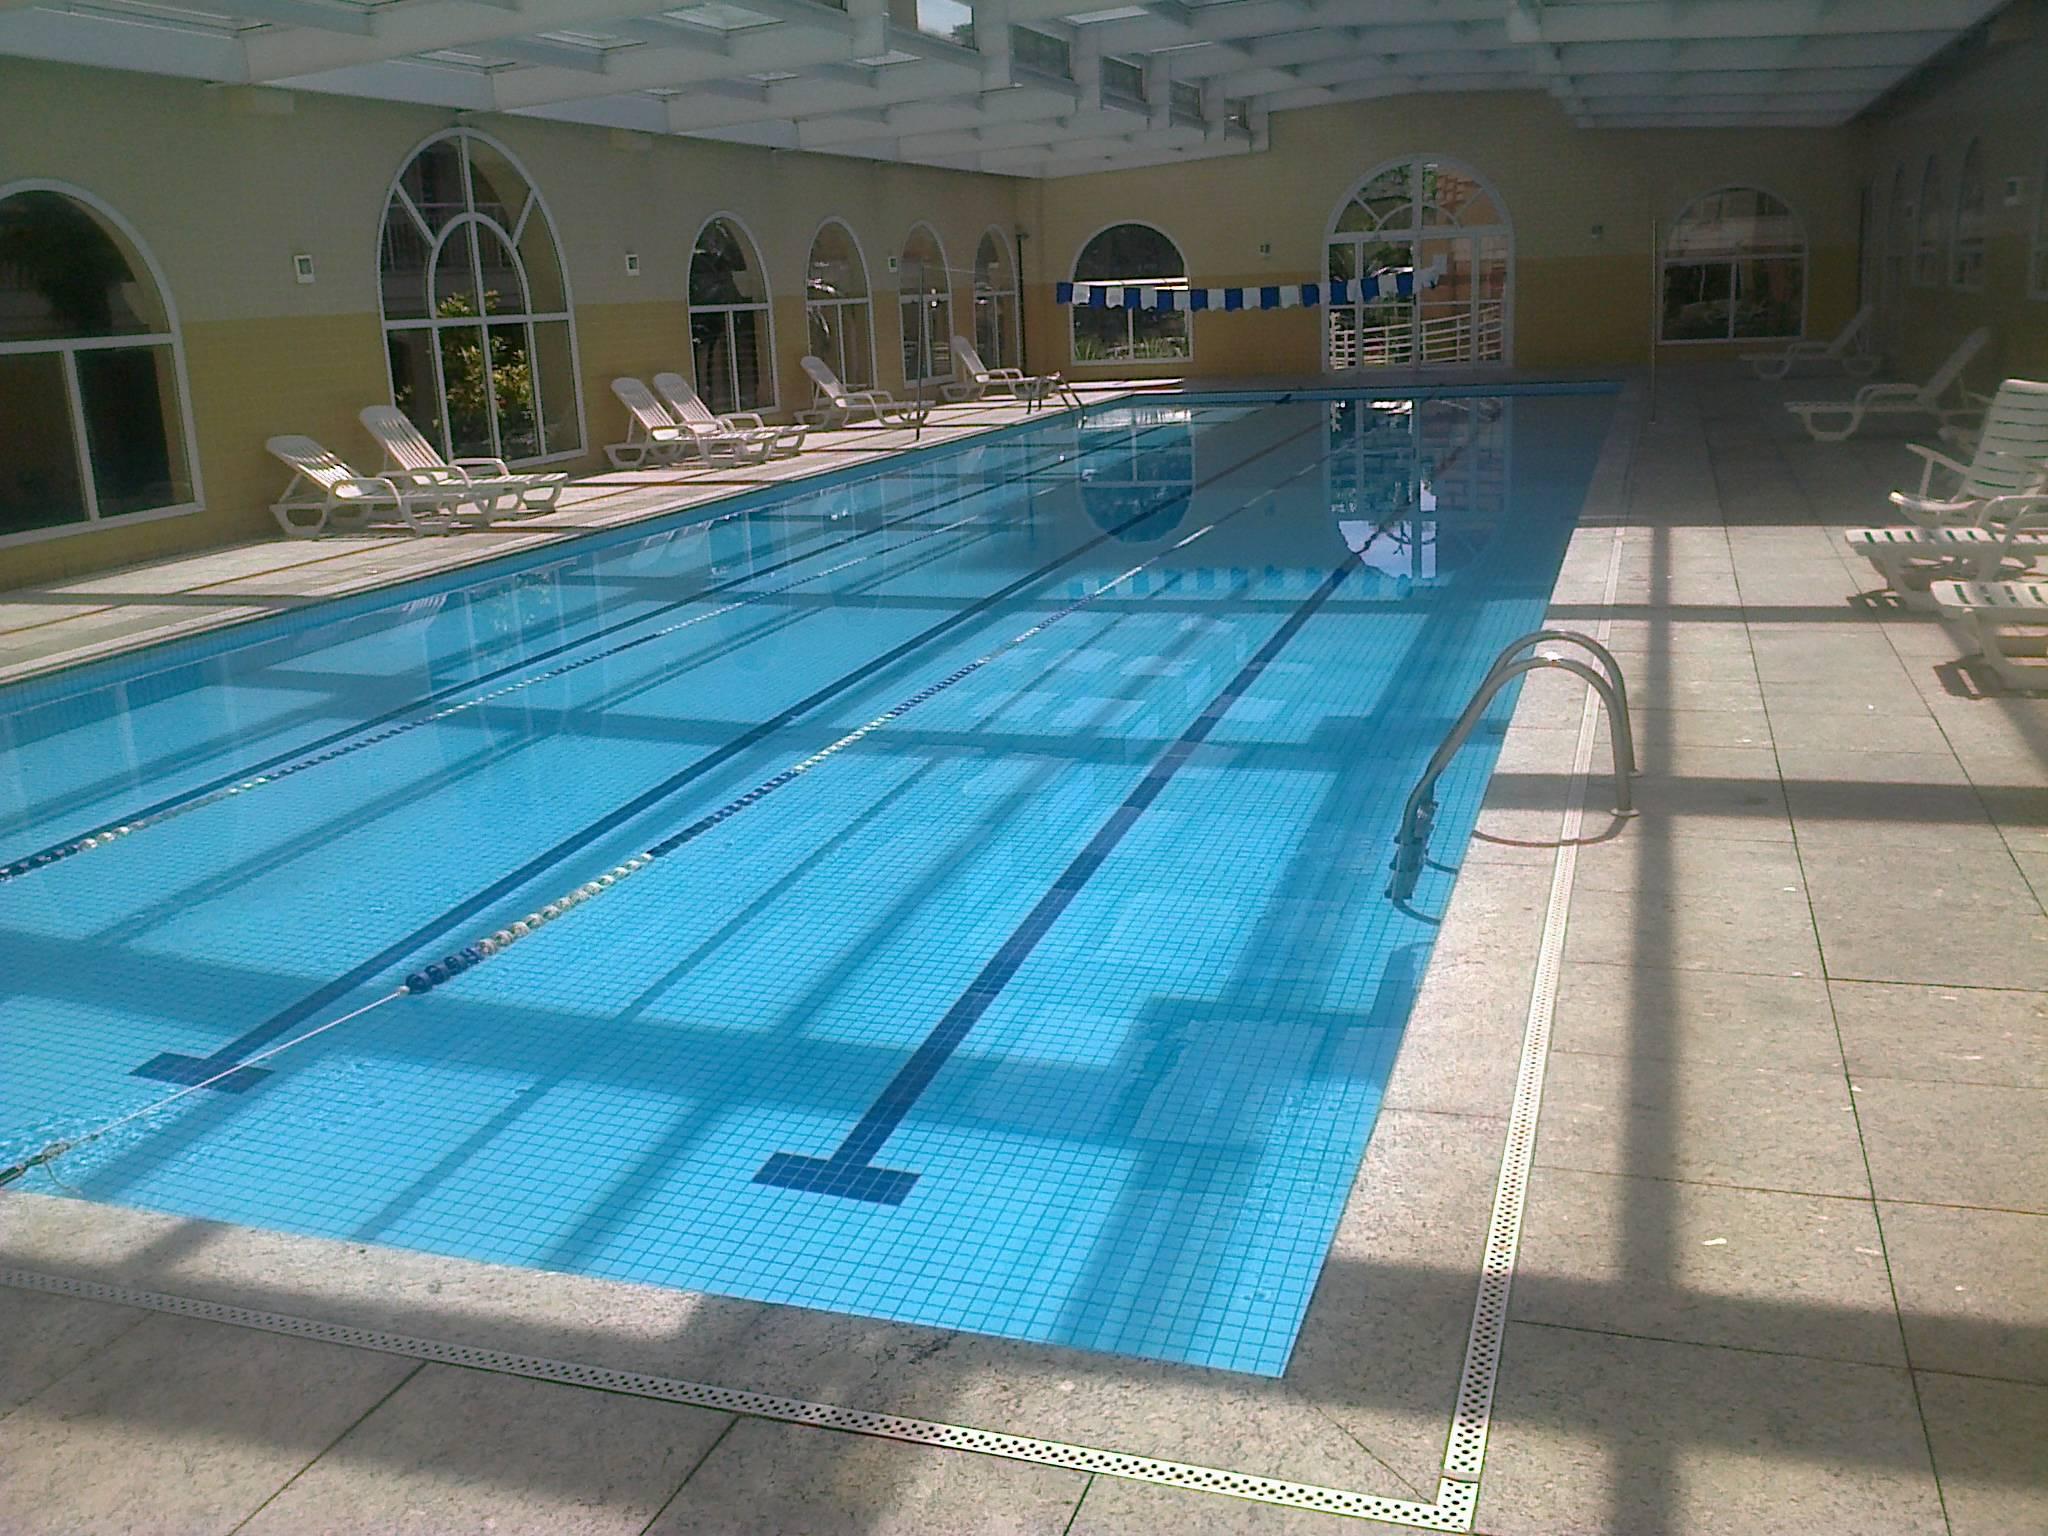 Manuten o de filtros de piscinas qualy tratus piscinas for Filtros de agua para piscinas